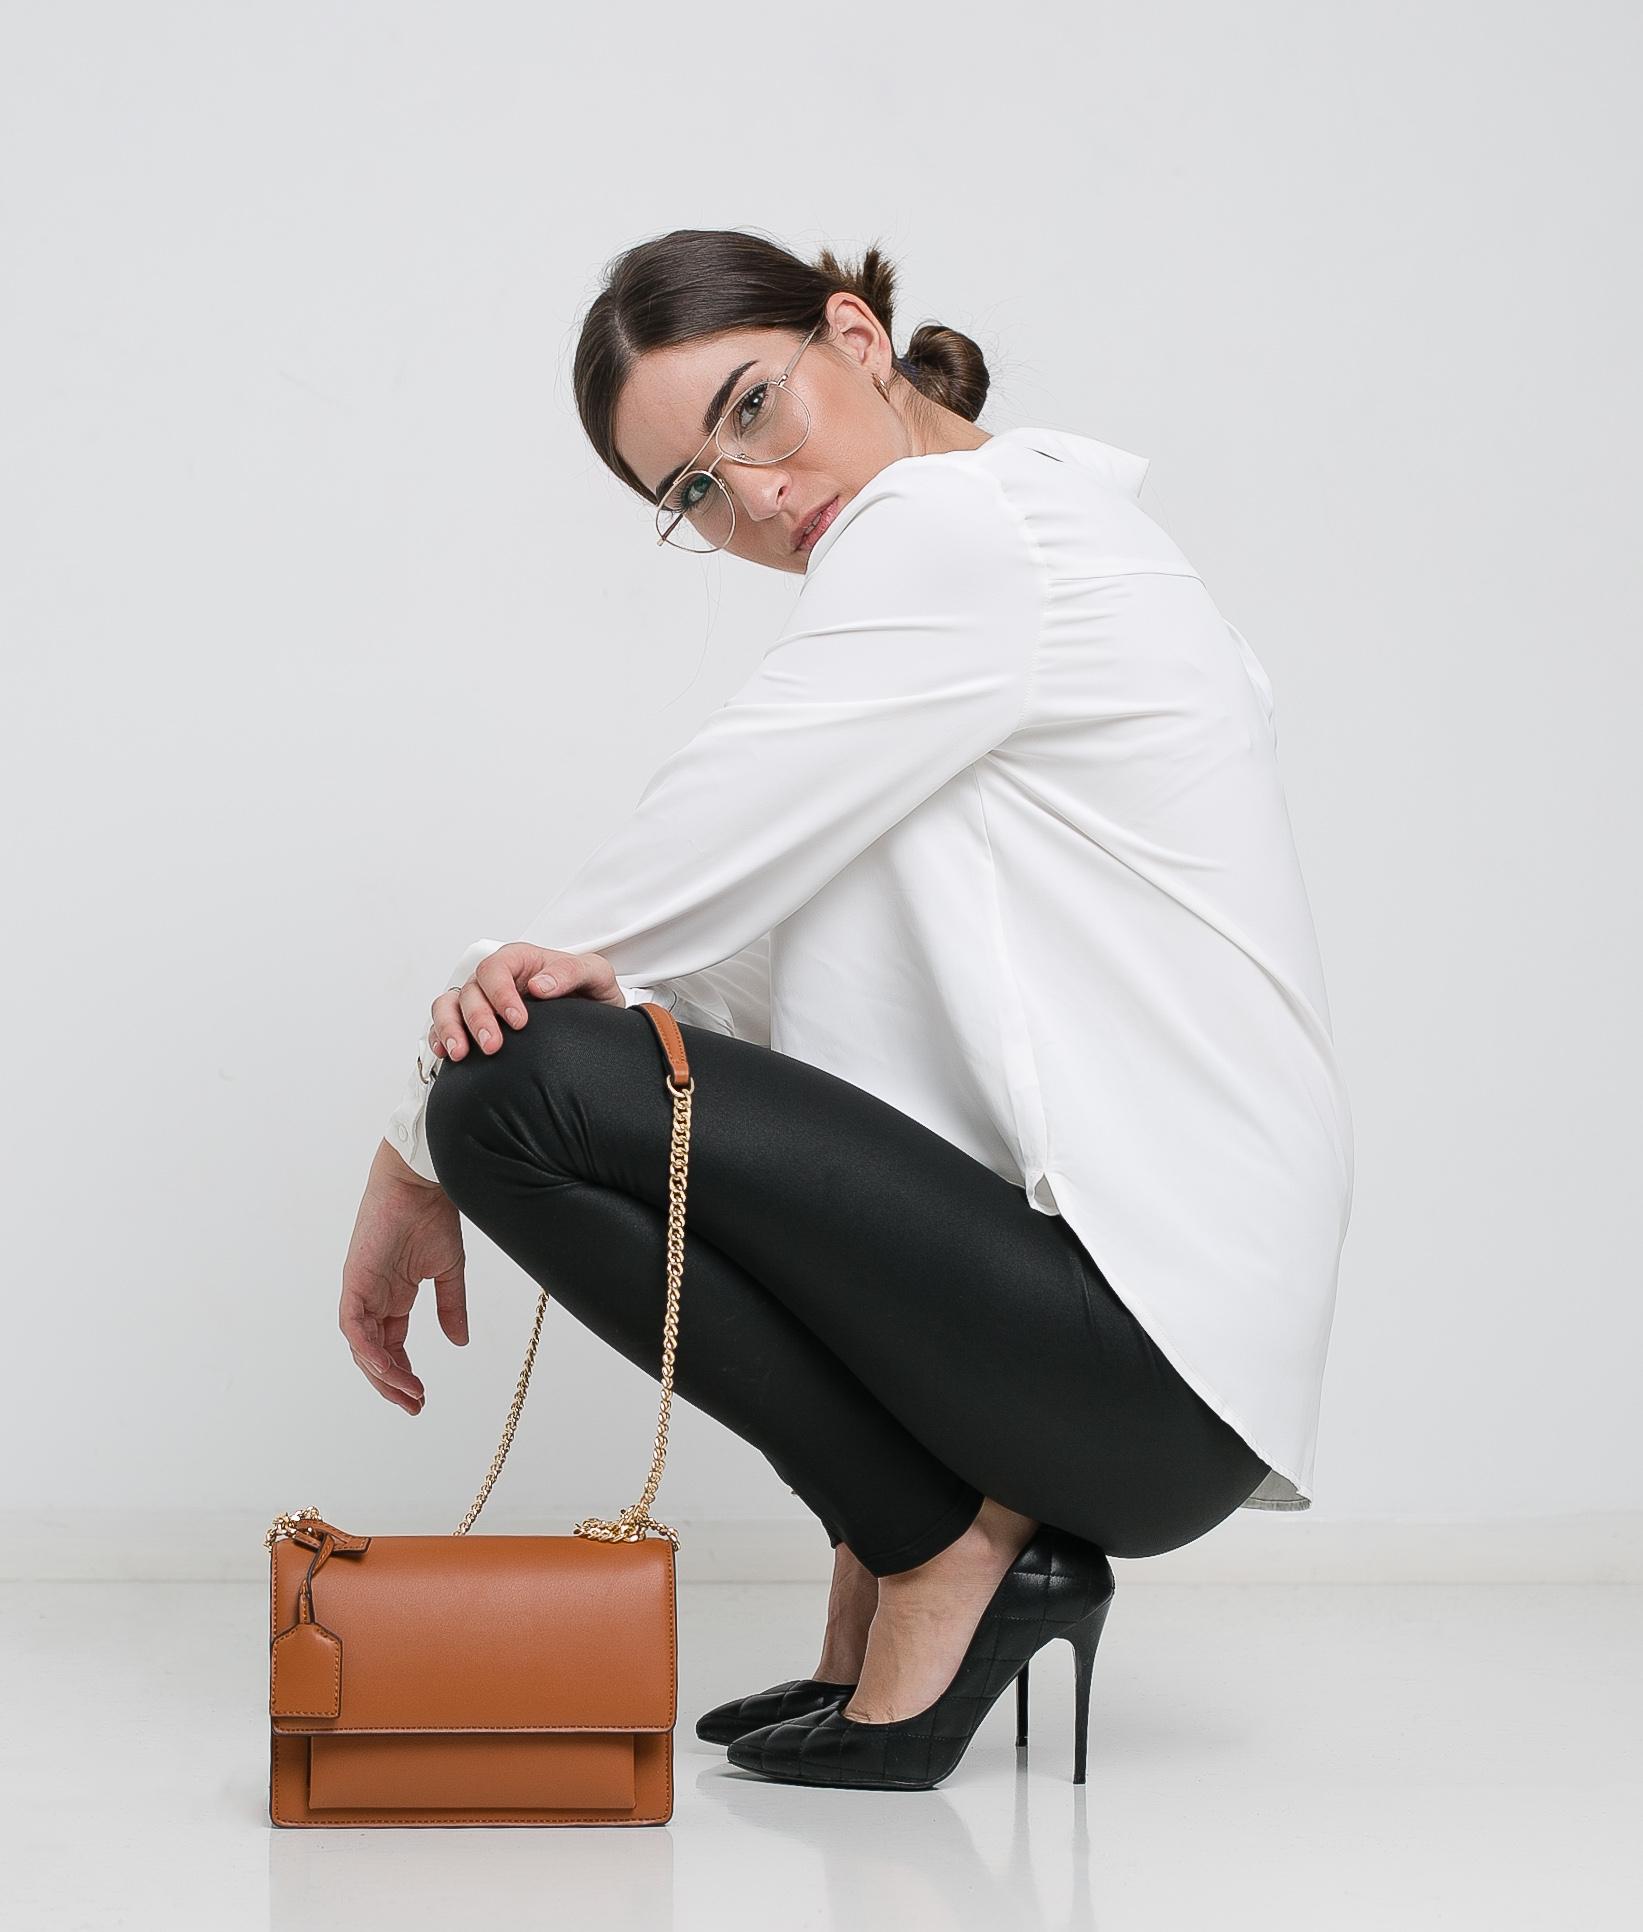 XAMILEI SHIRT - WHITE